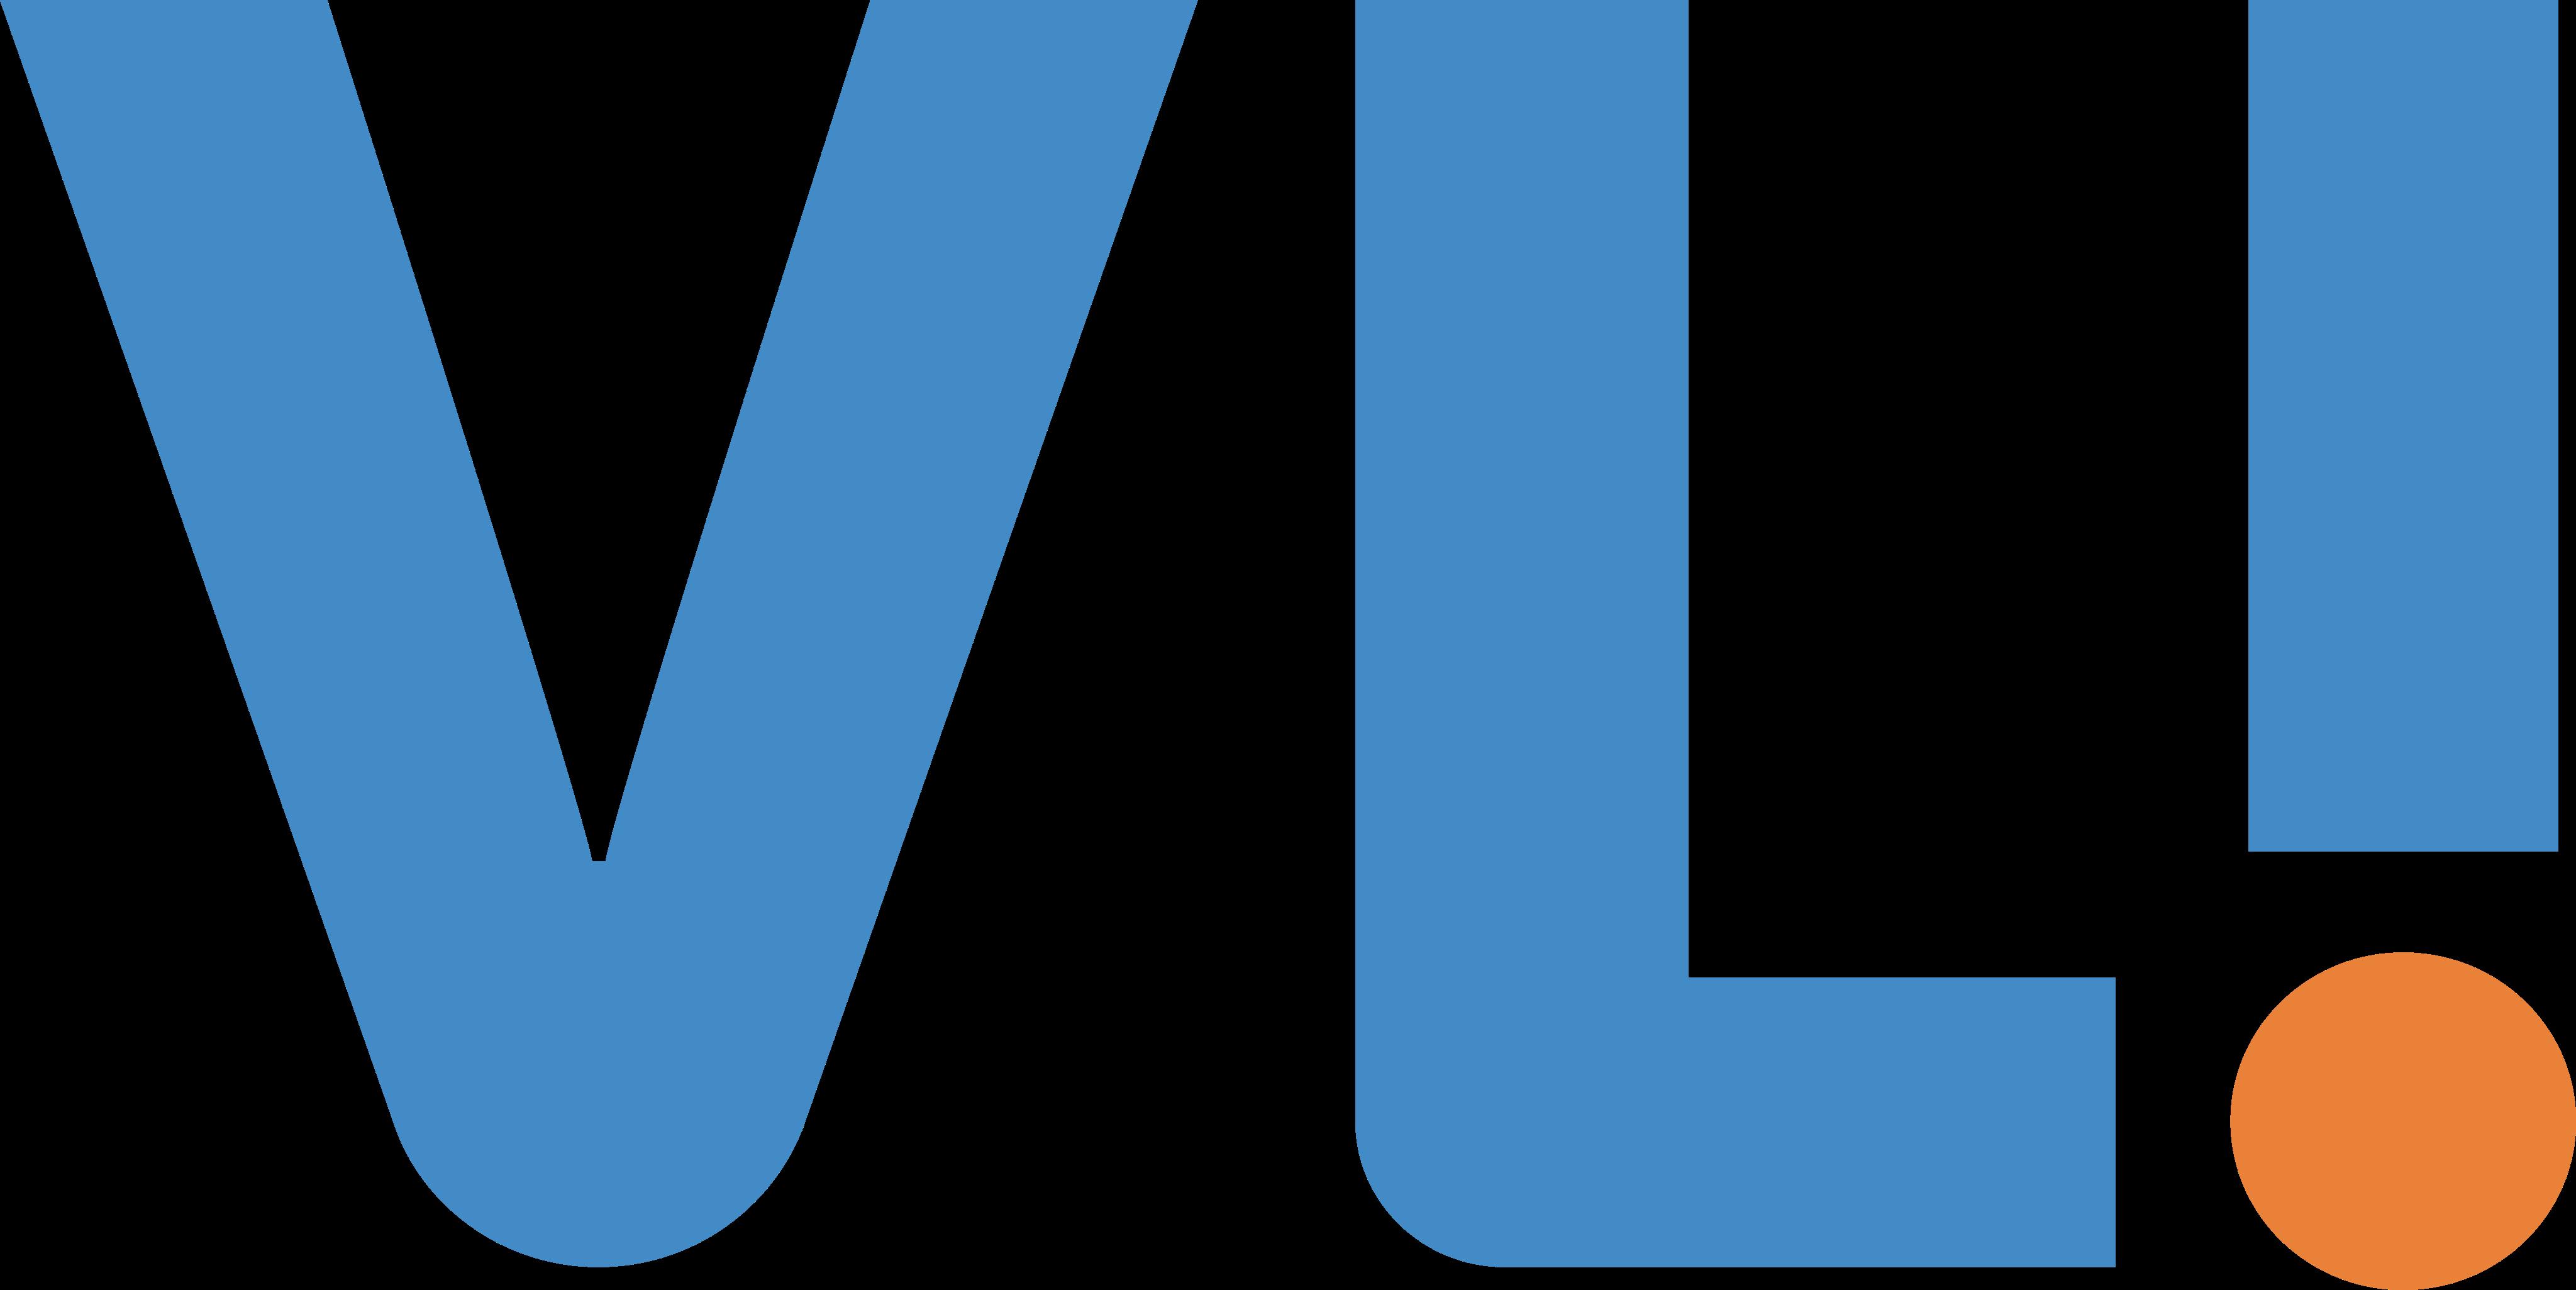 vli-logistica-logo-1